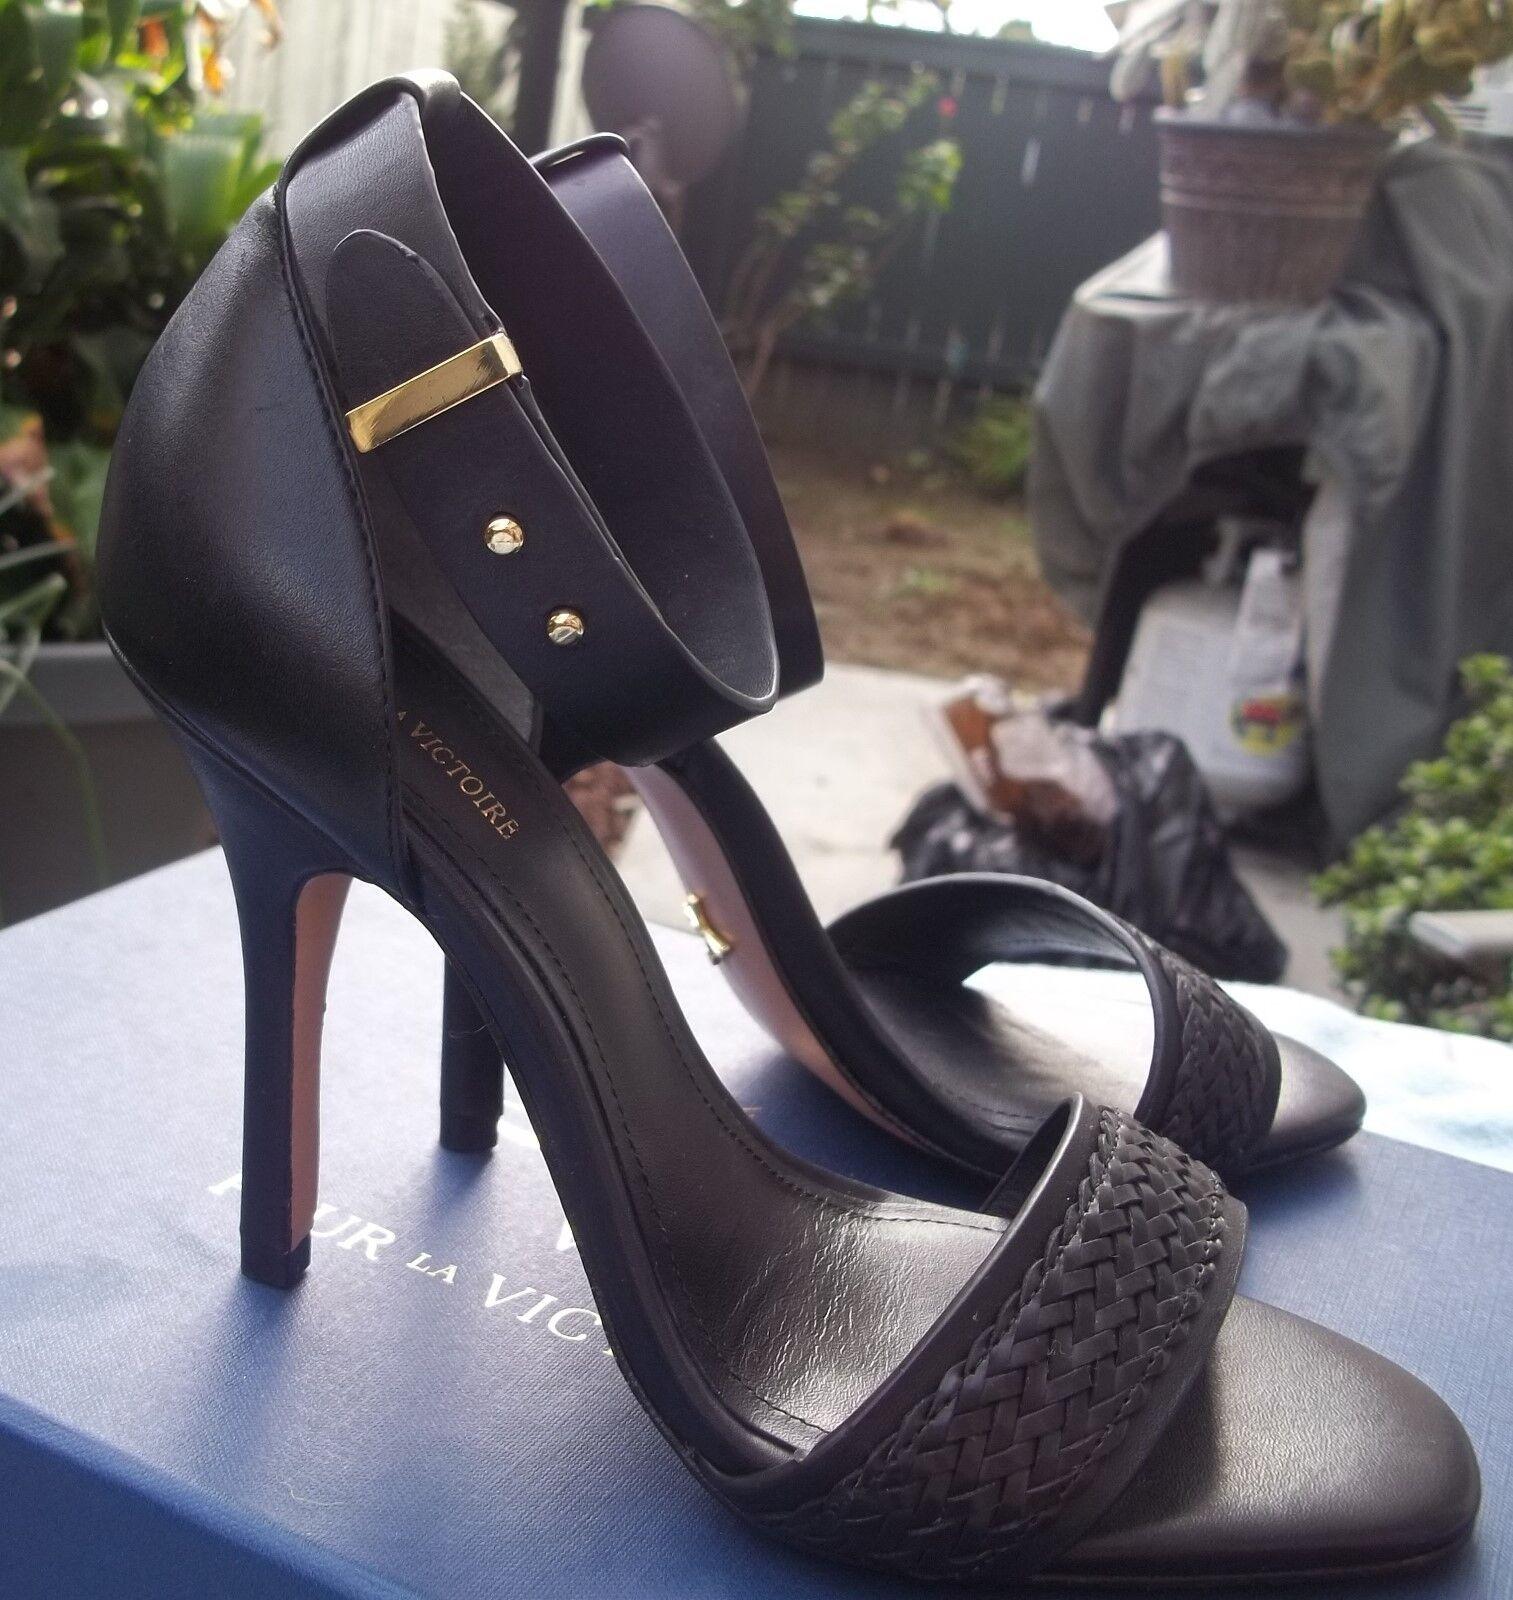 presa di fabbrica New Pour La Victorie nero Vachetta Leather Leather Leather Sexy Ankle Strap Heel Stilettos 6.5  vendita online